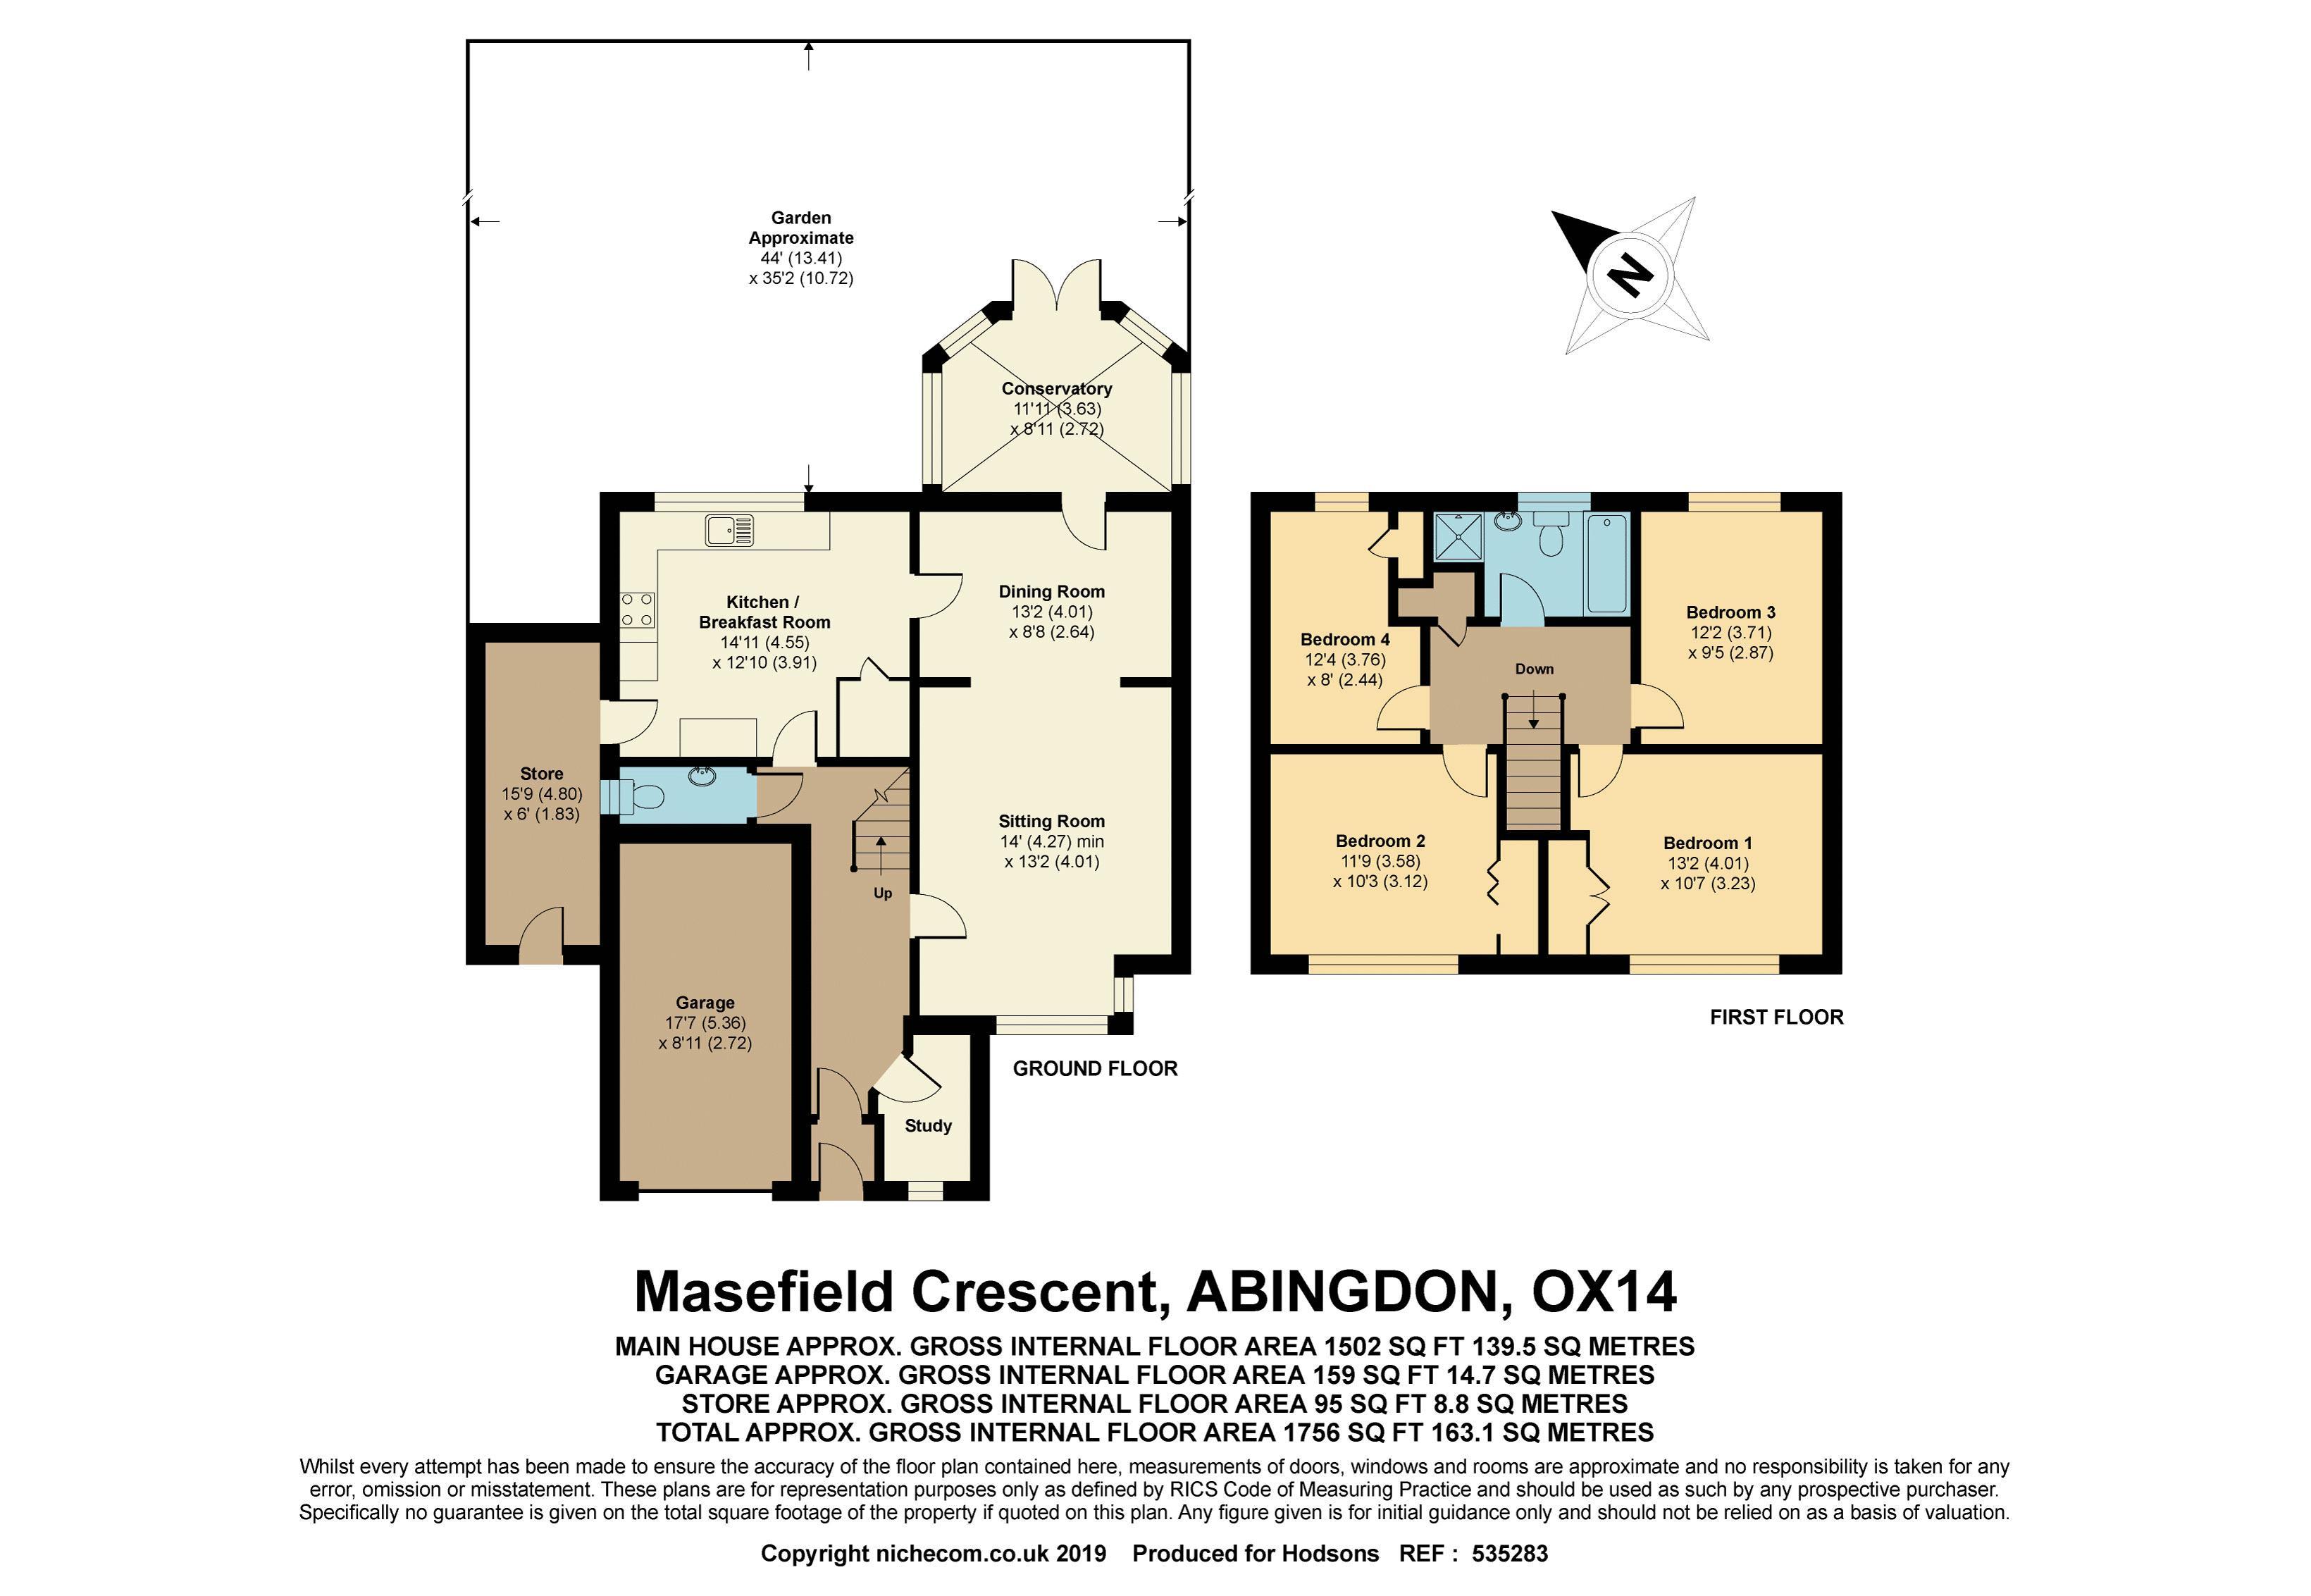 Masefield Crescent